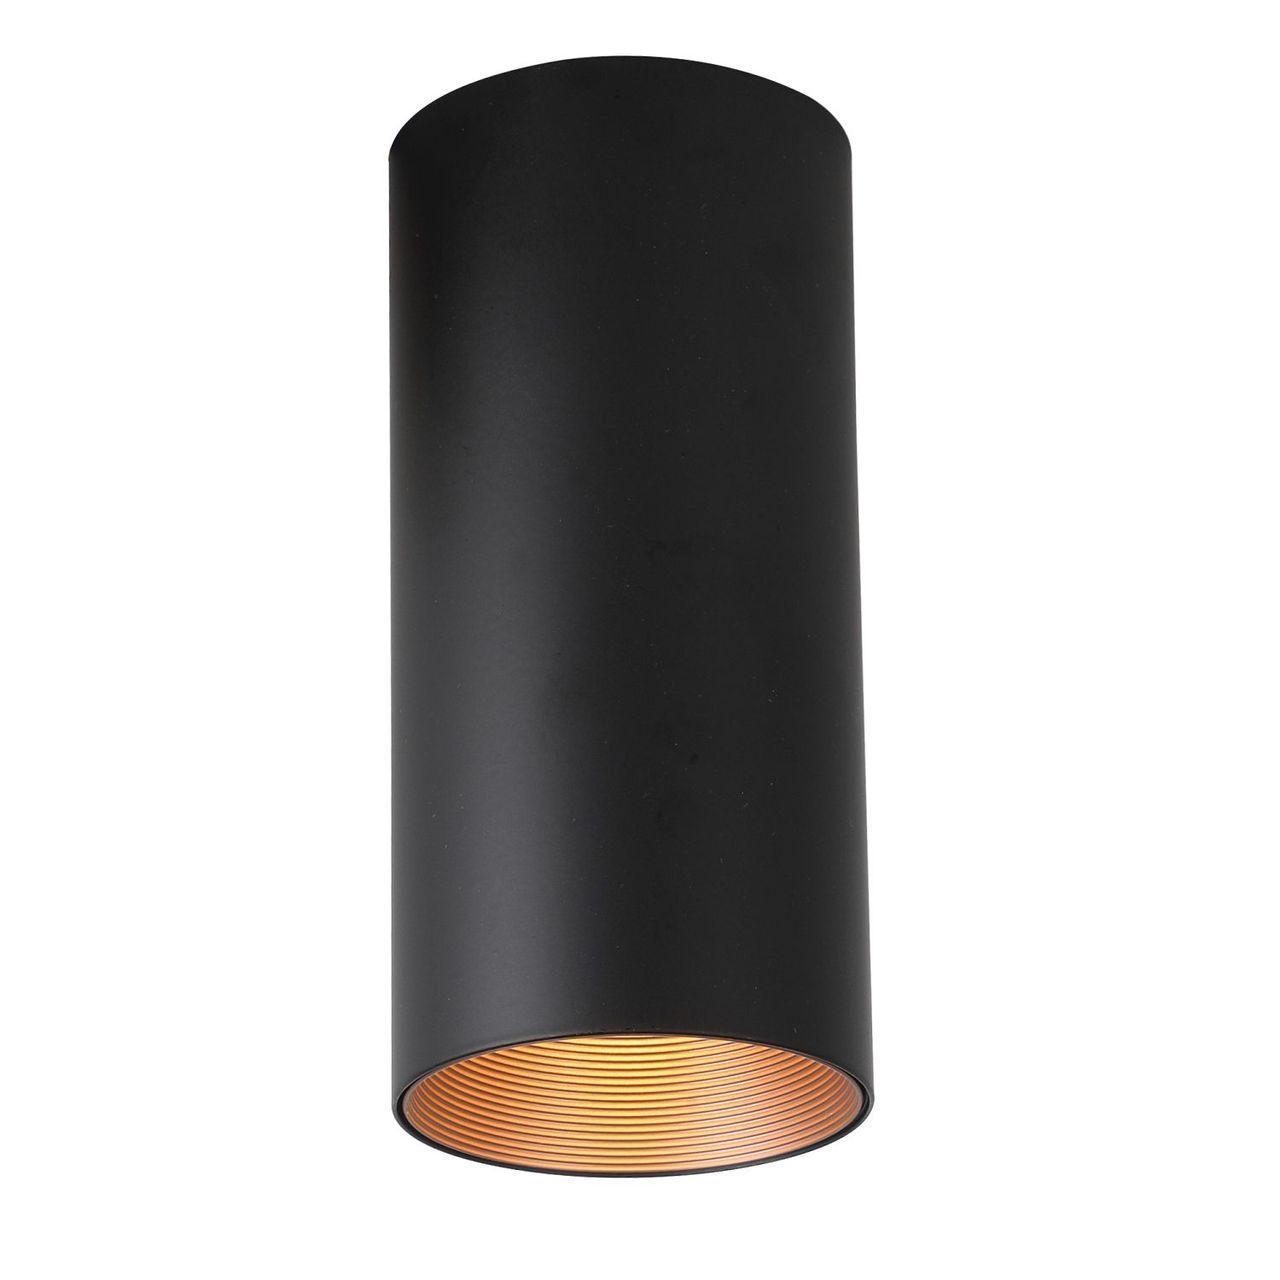 Потолочный светодиодный светильник Favourite Drum 2249-1U потолочный светодиодный светильник favourite umlauf 2116 1u